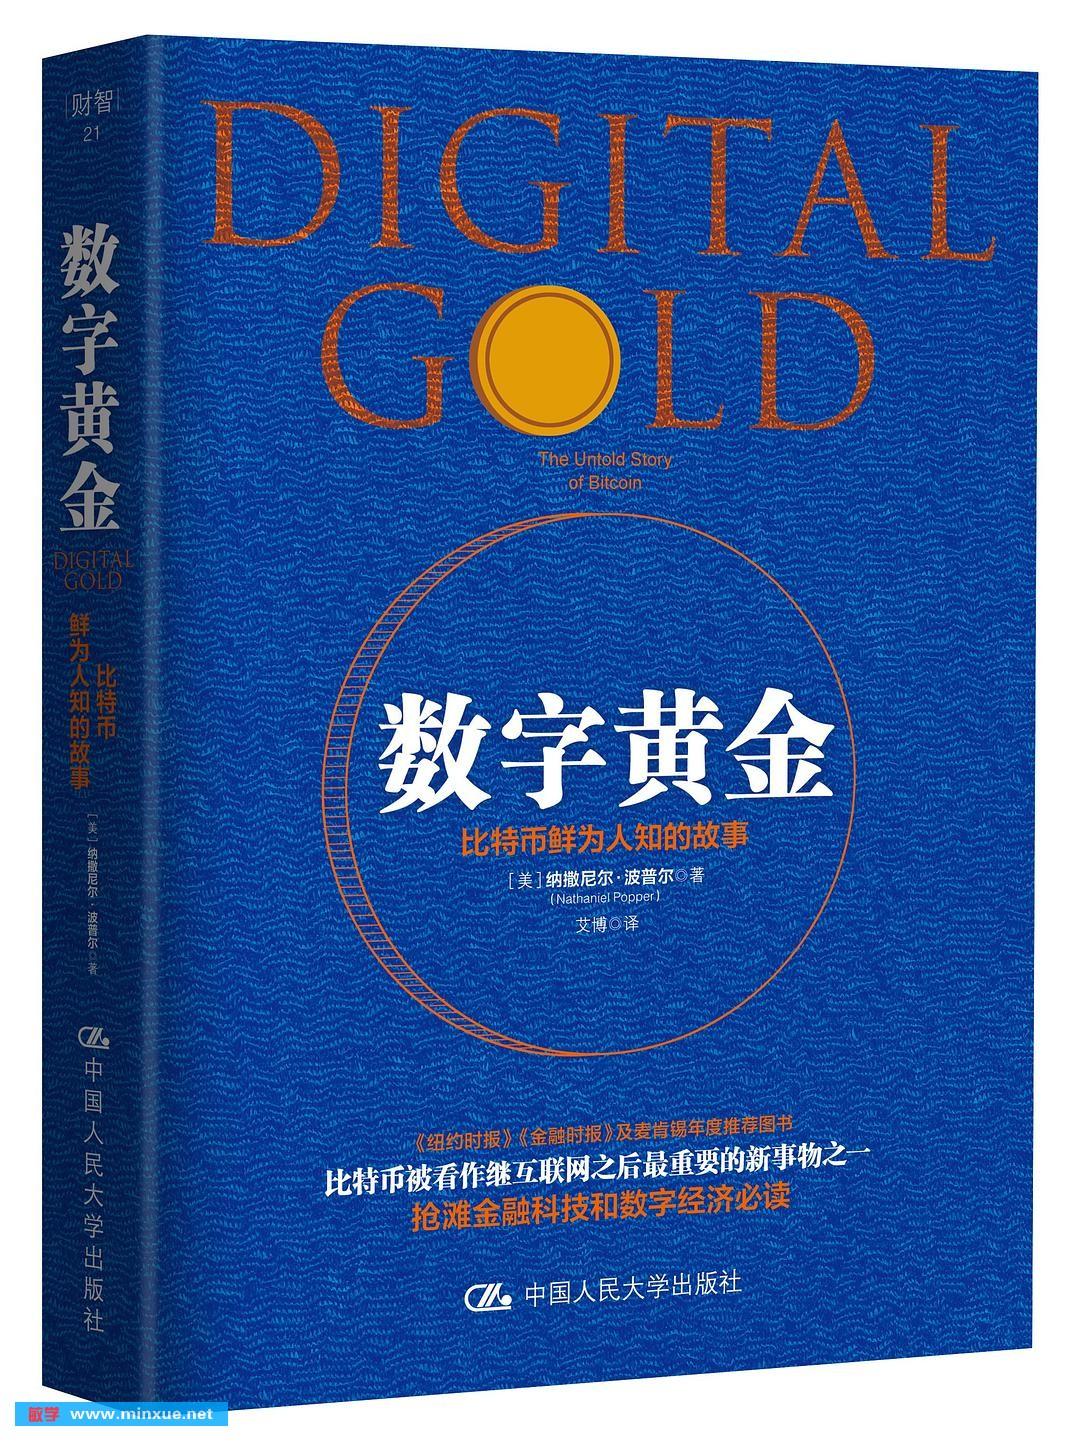 《数字黄金:比特币鲜为人知的故事》